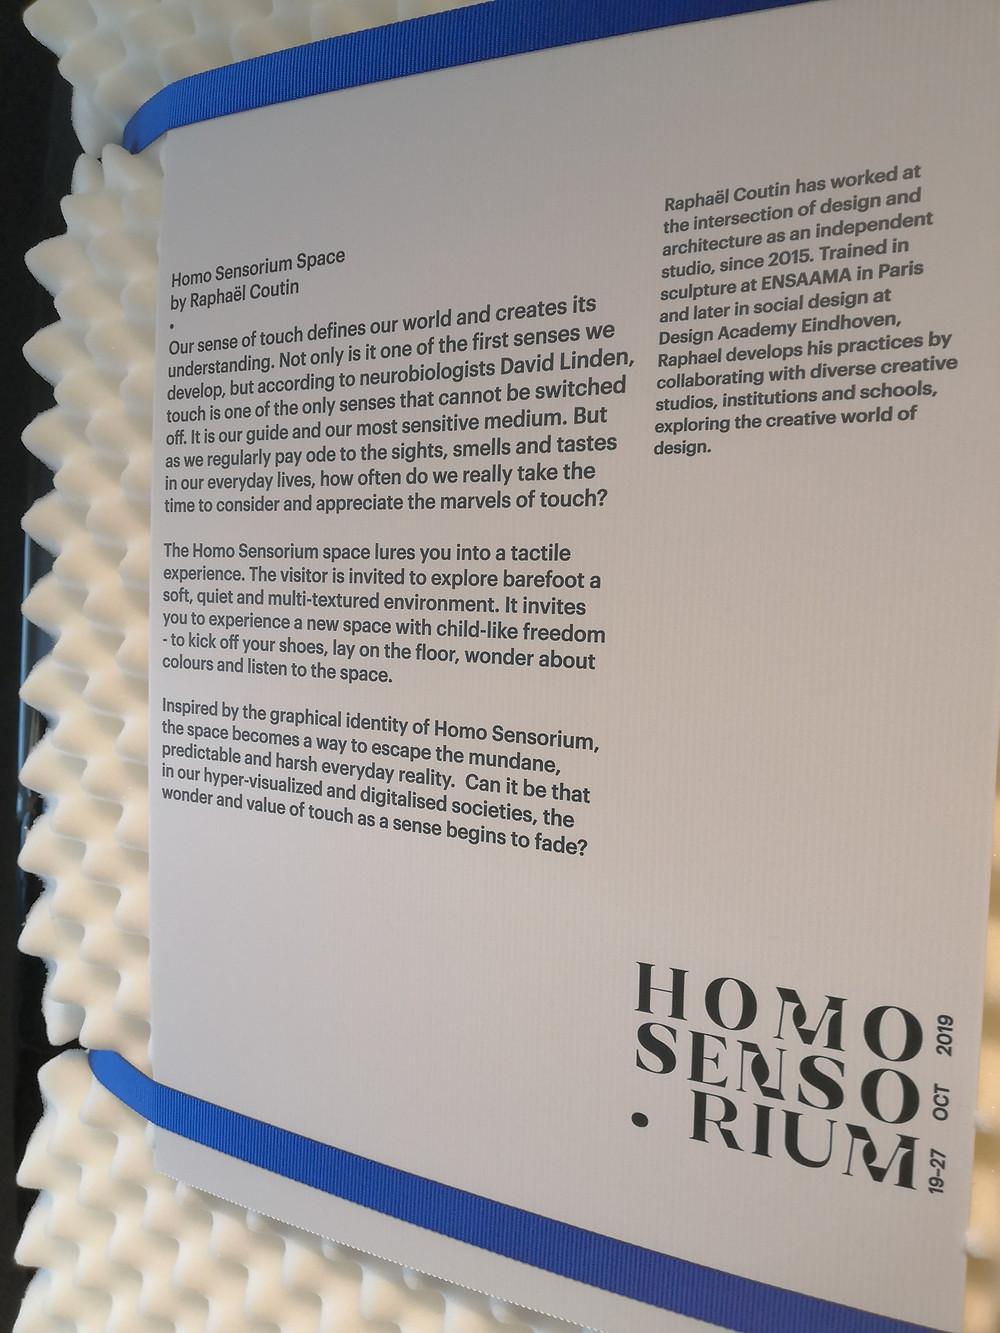 A plaque describing the Homo Sensorium space.